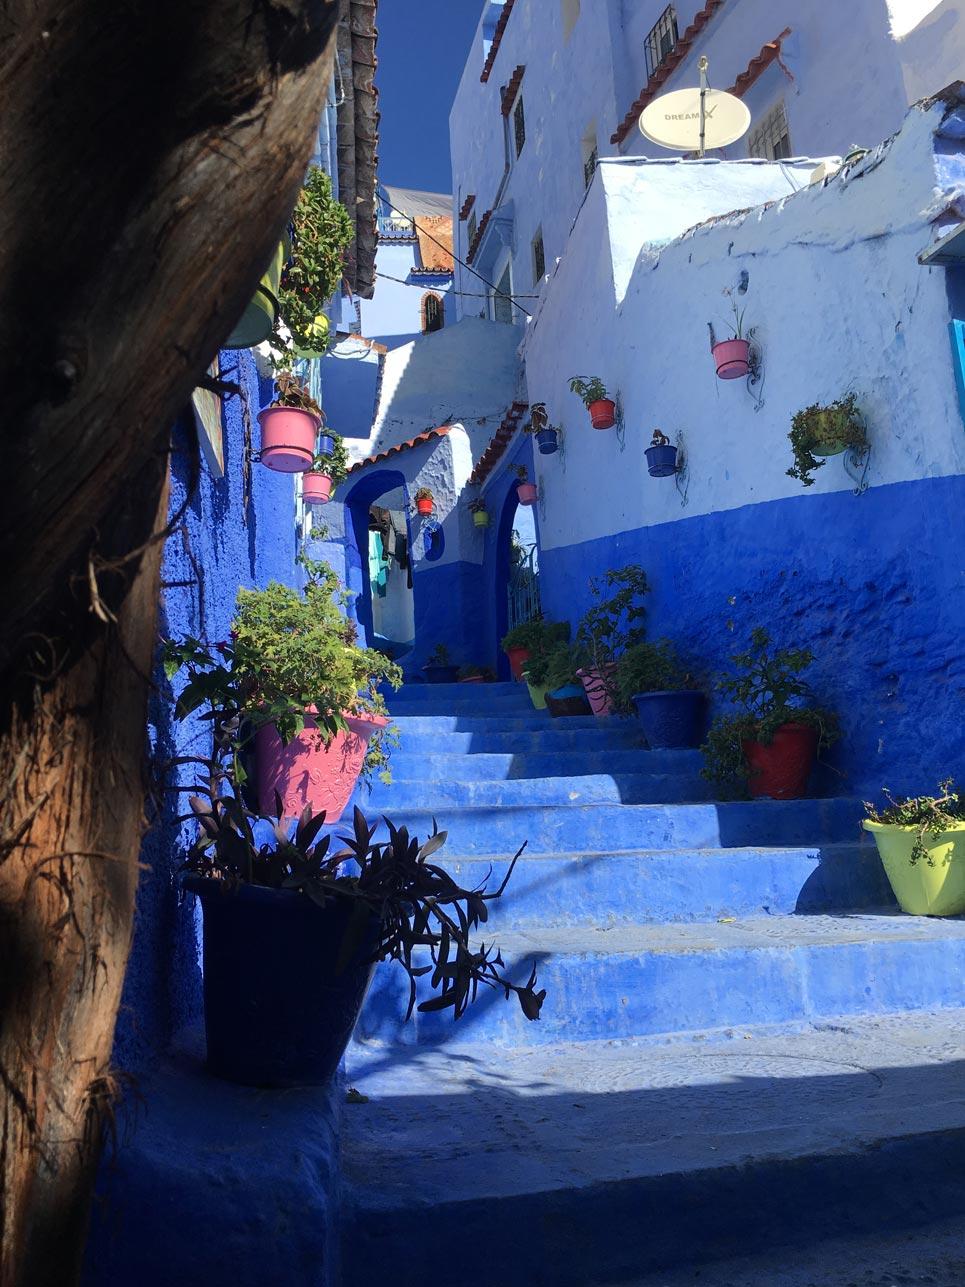 Erkenntnis des Tages: Es gibt einen Ort, welcher der Insel Santorin (Griechenland) ein klein wenig Konkurrenz macht und zwar Chefchaouen mit seinen blauen Häusern und Treppen.